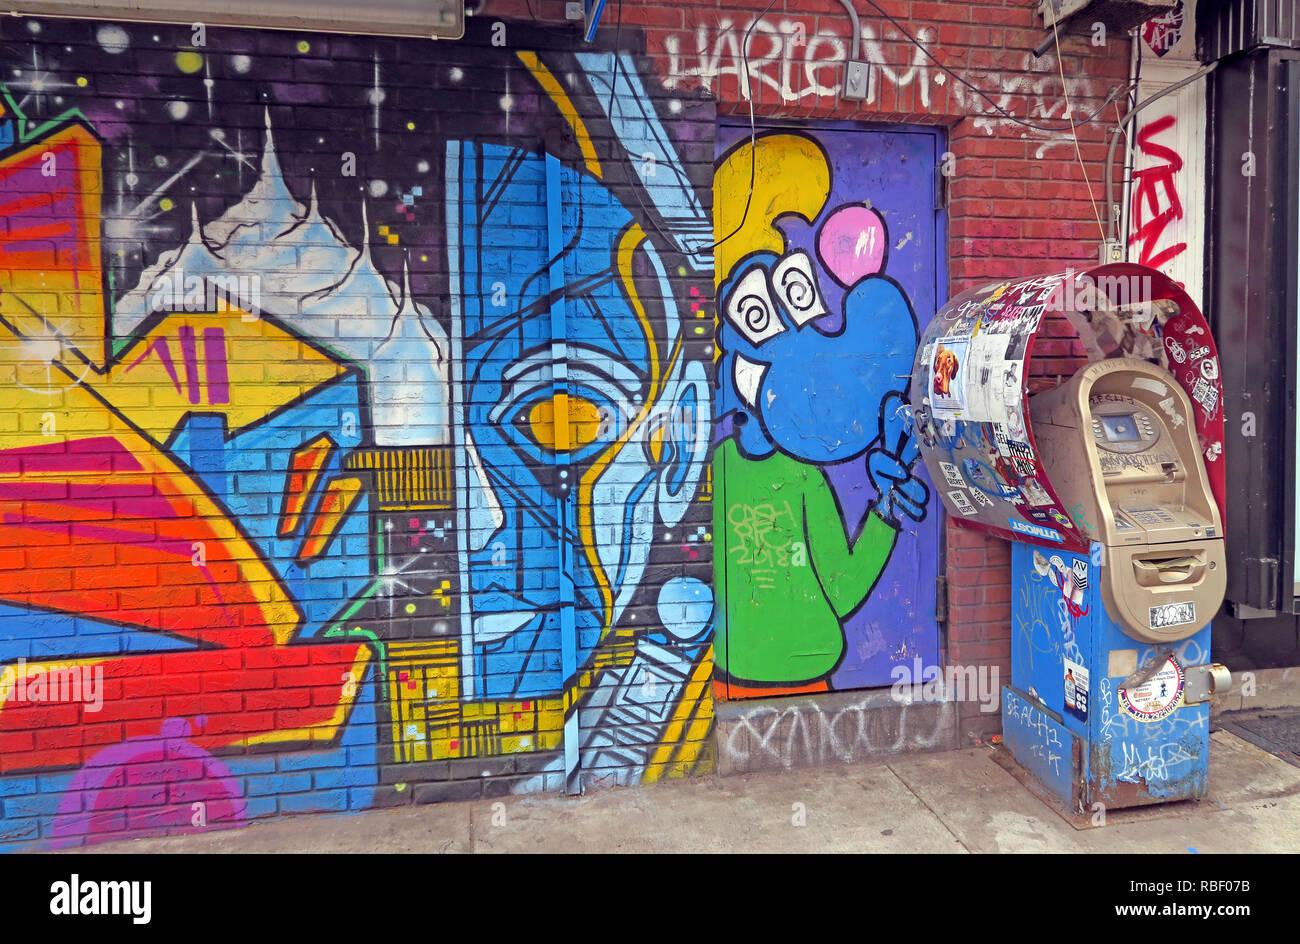 Laden Sie dieses Alamy Stockfoto Geld und Kunst, ATM bei East 7th Street, East Village, Manhattan, New York, NY, USA - RBF07B